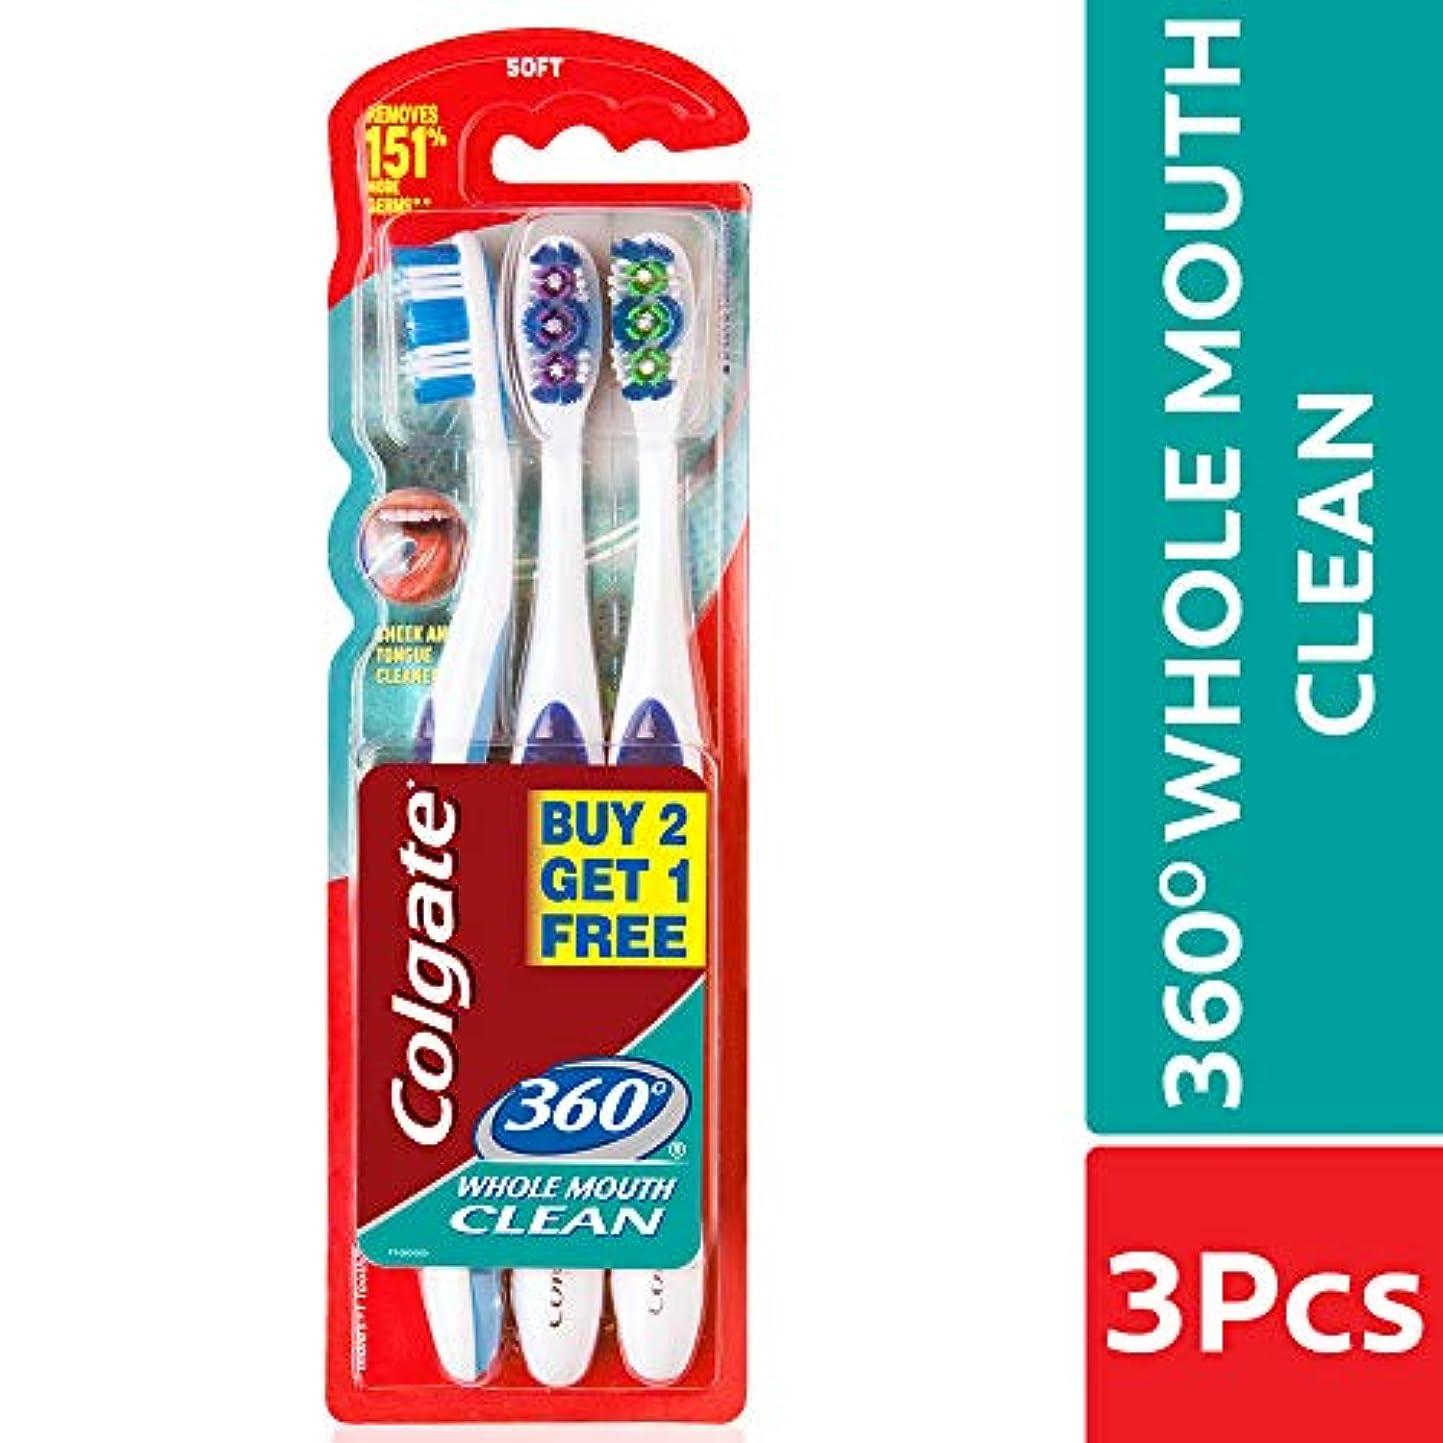 混合離婚通信するColgate 360 whole mouth clean (MEDIUM) toothbrush (3pc pack)